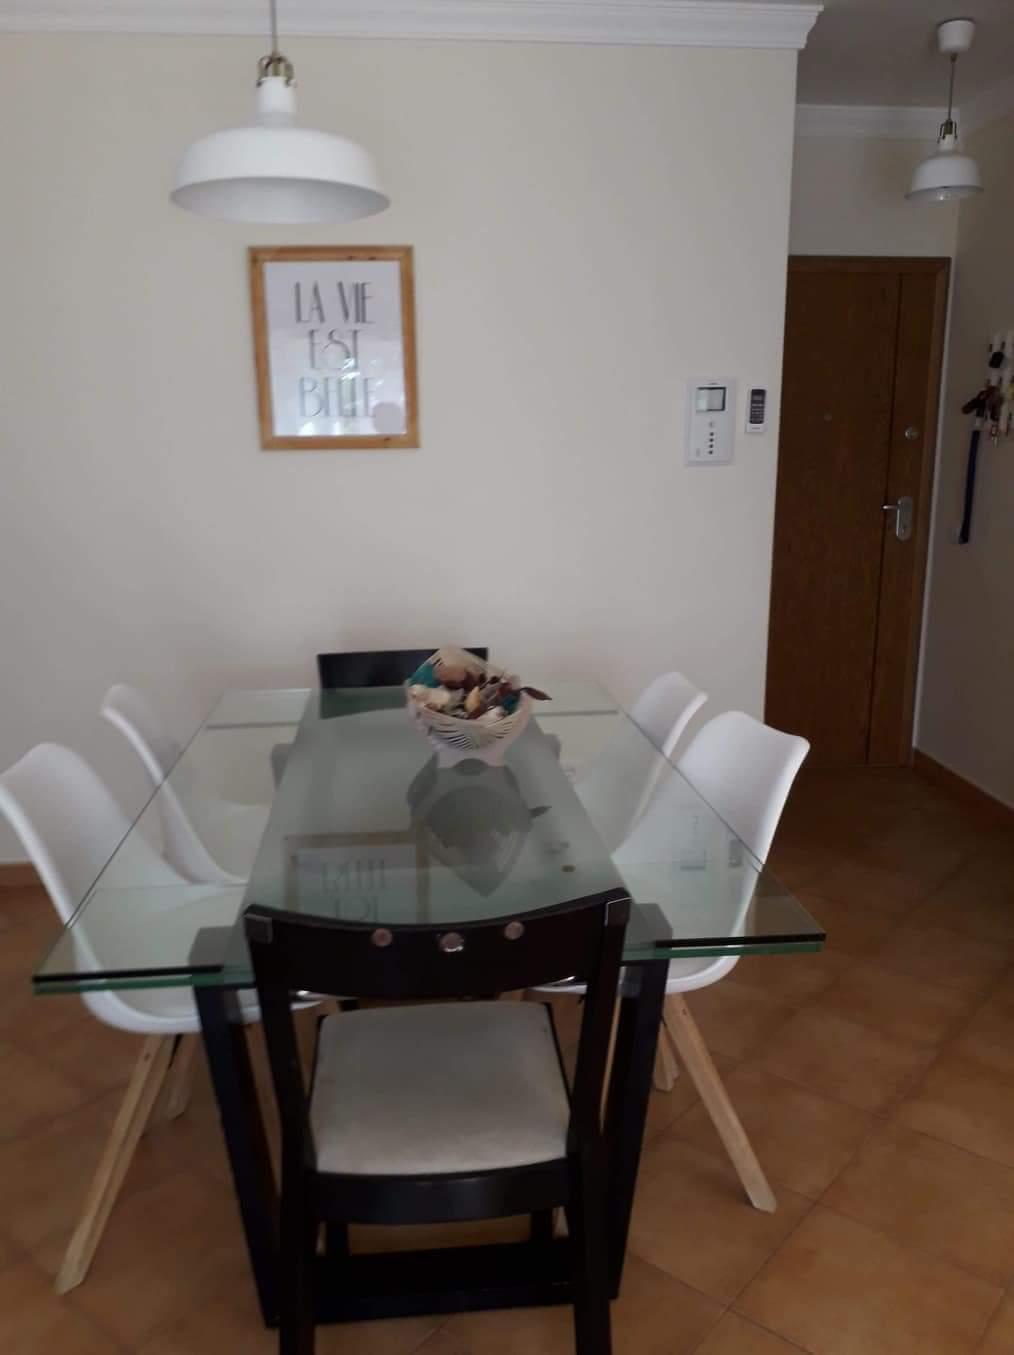 Location appartements et villas de vacance, Aluga se apartamento em Cabanas de Tavira à Cabanas de Tavira, Portugal Algarve, REF_IMG_807_7221